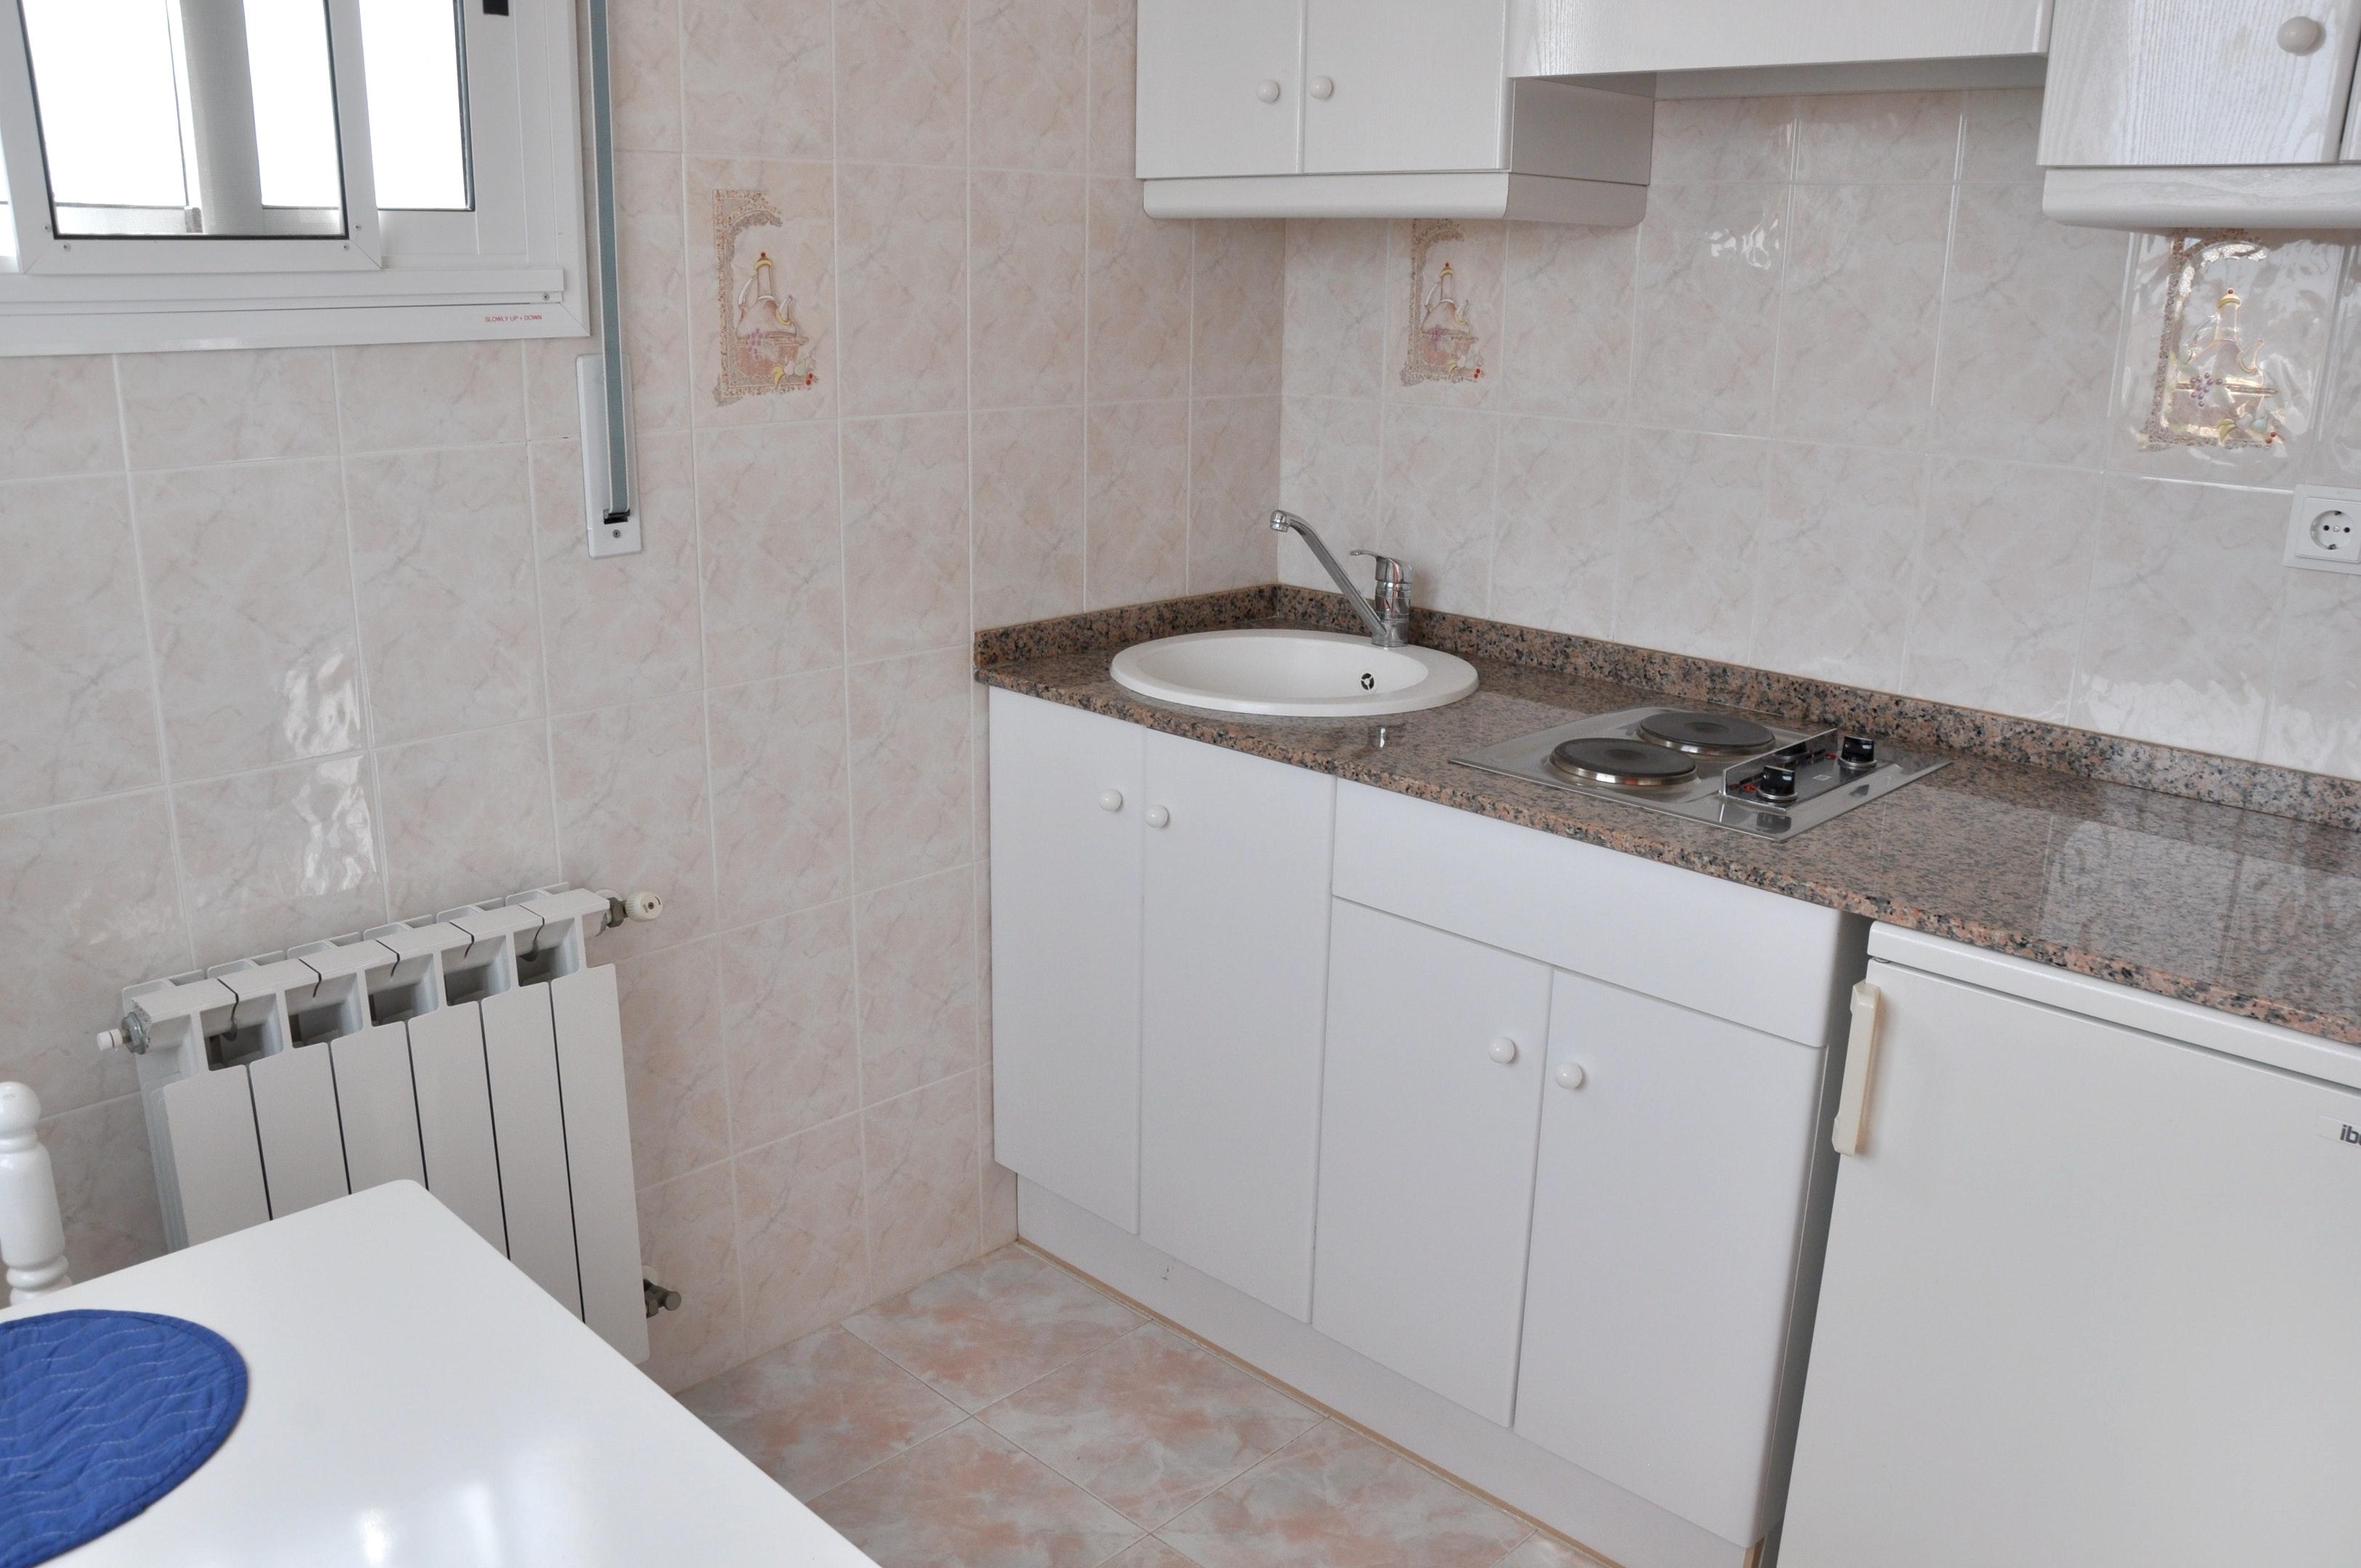 Ferienhaus Villa mit 3 Schlafzimmern in Ampolla mit herrlichem Meerblick, privatem Pool, möbliertem G (2201037), L'Ampolla, Costa Dorada, Katalonien, Spanien, Bild 29